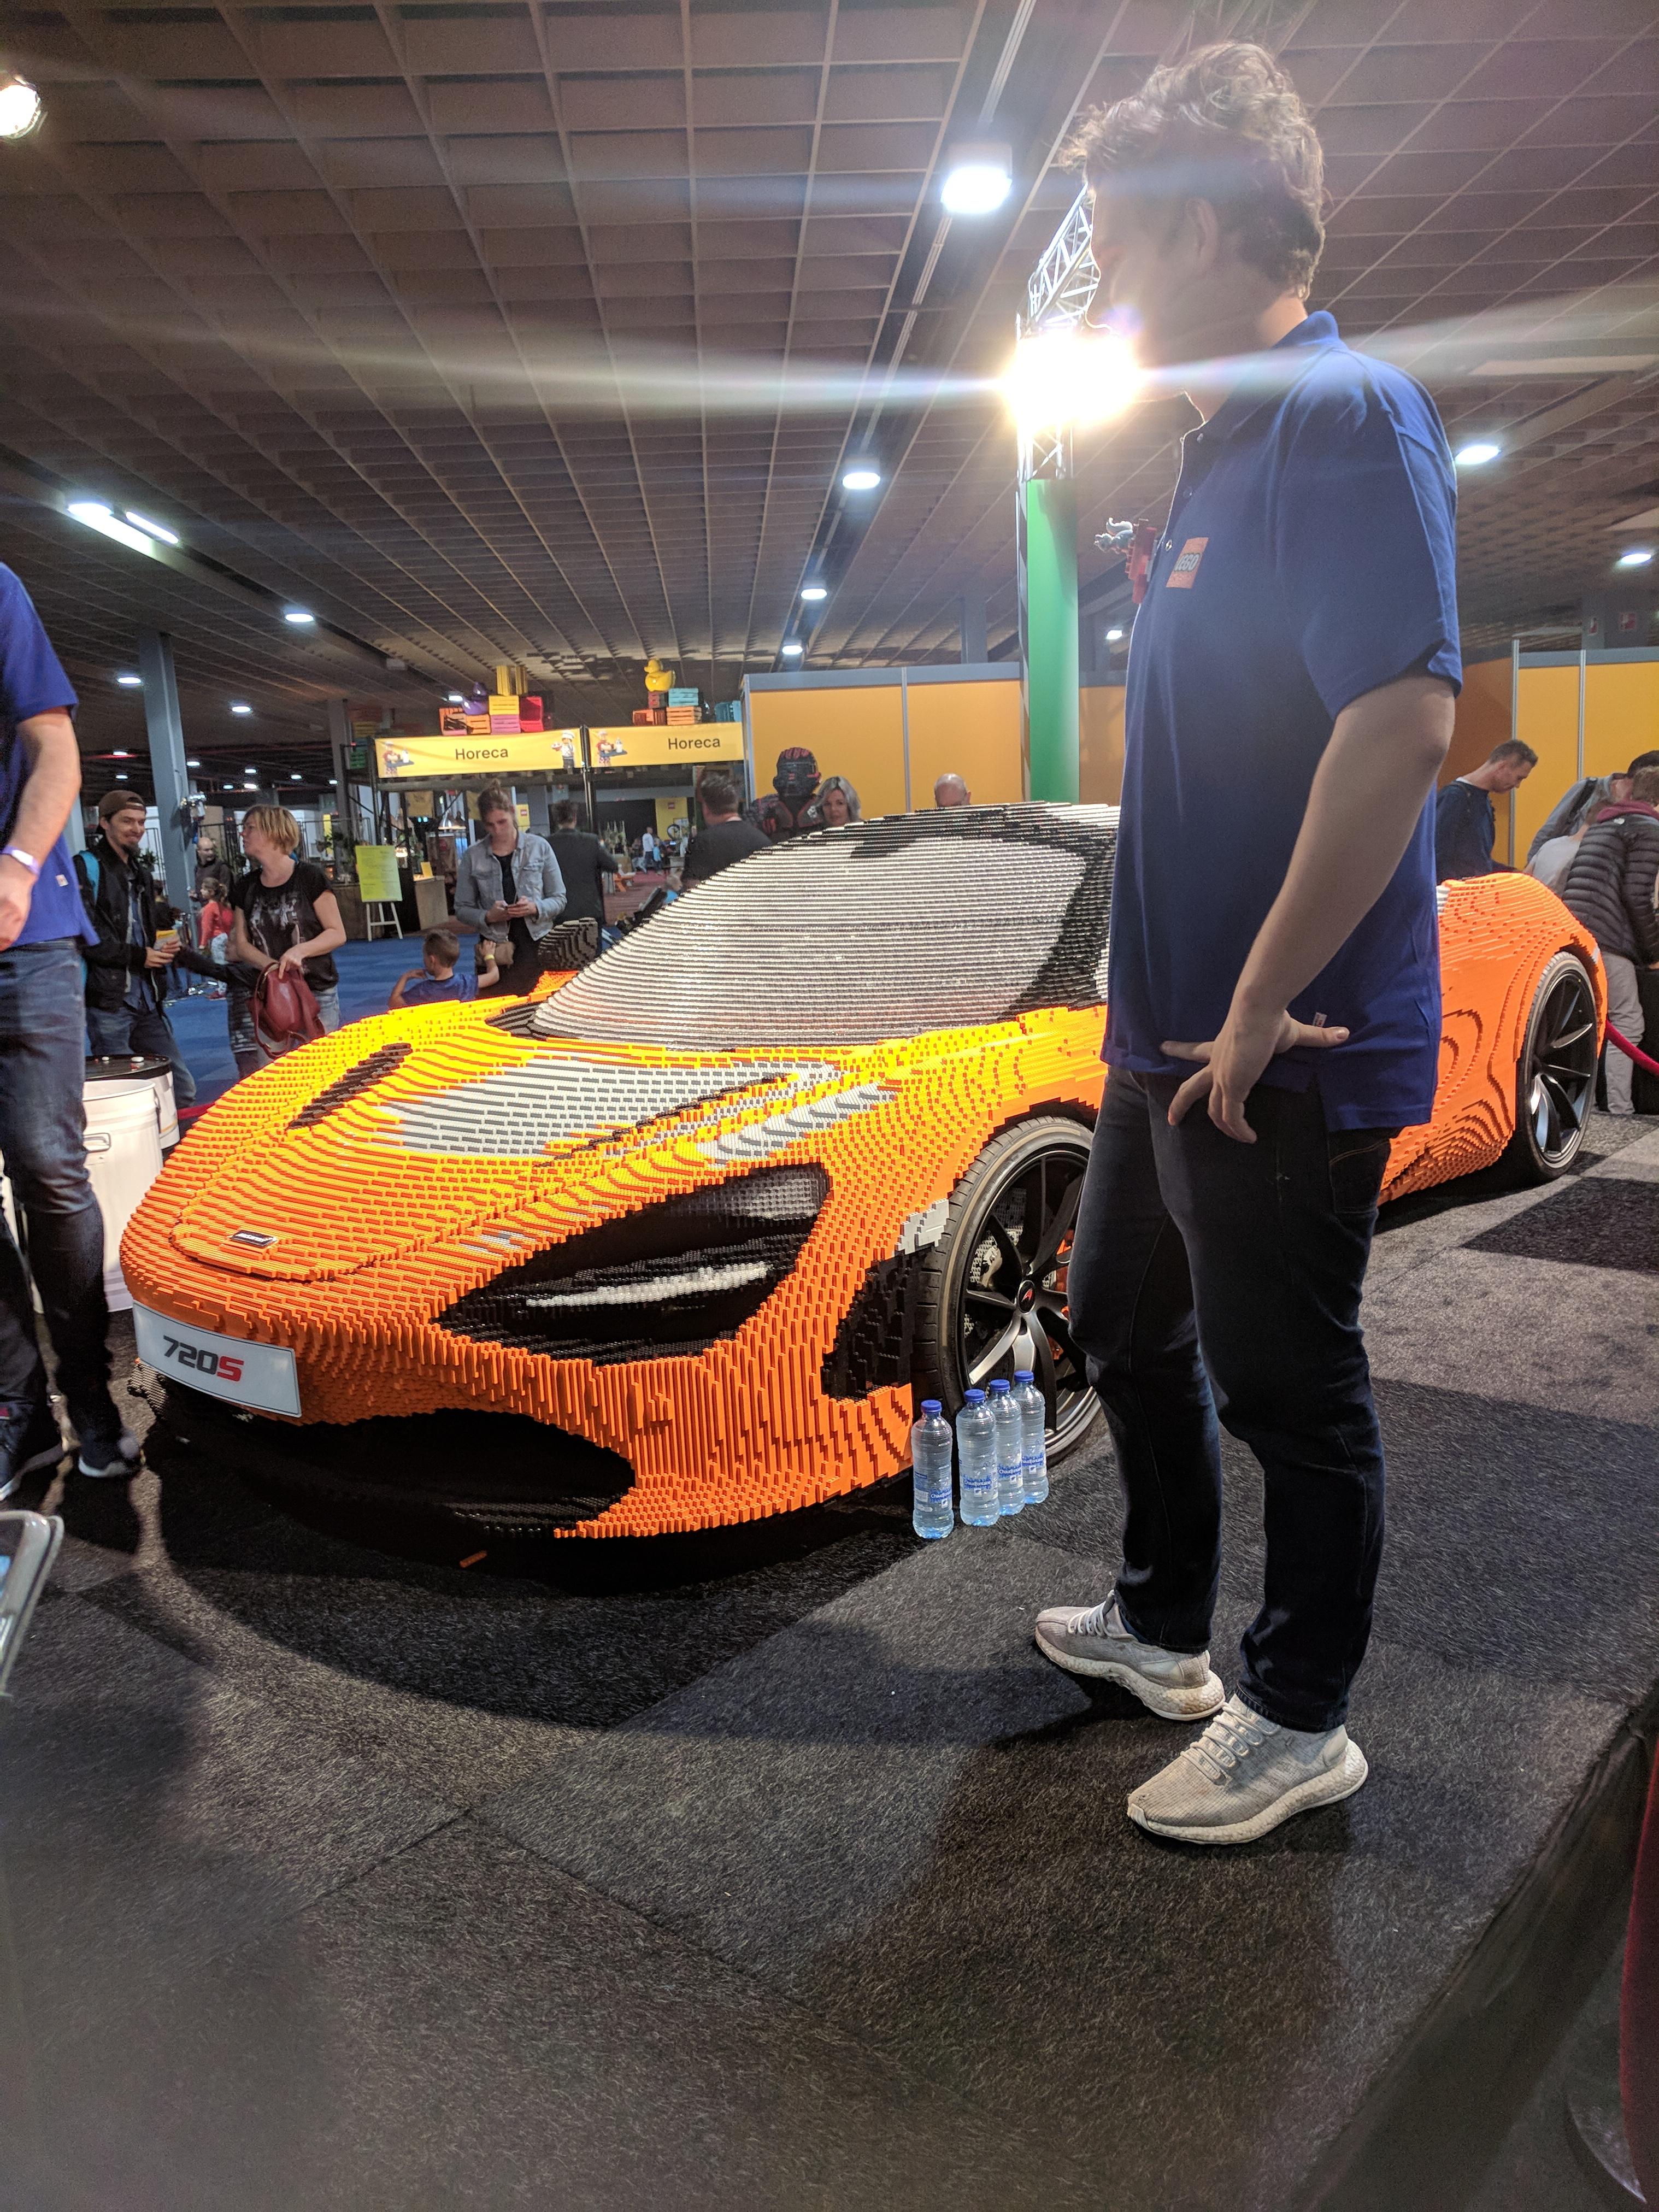 Lego World 2017 McLaren